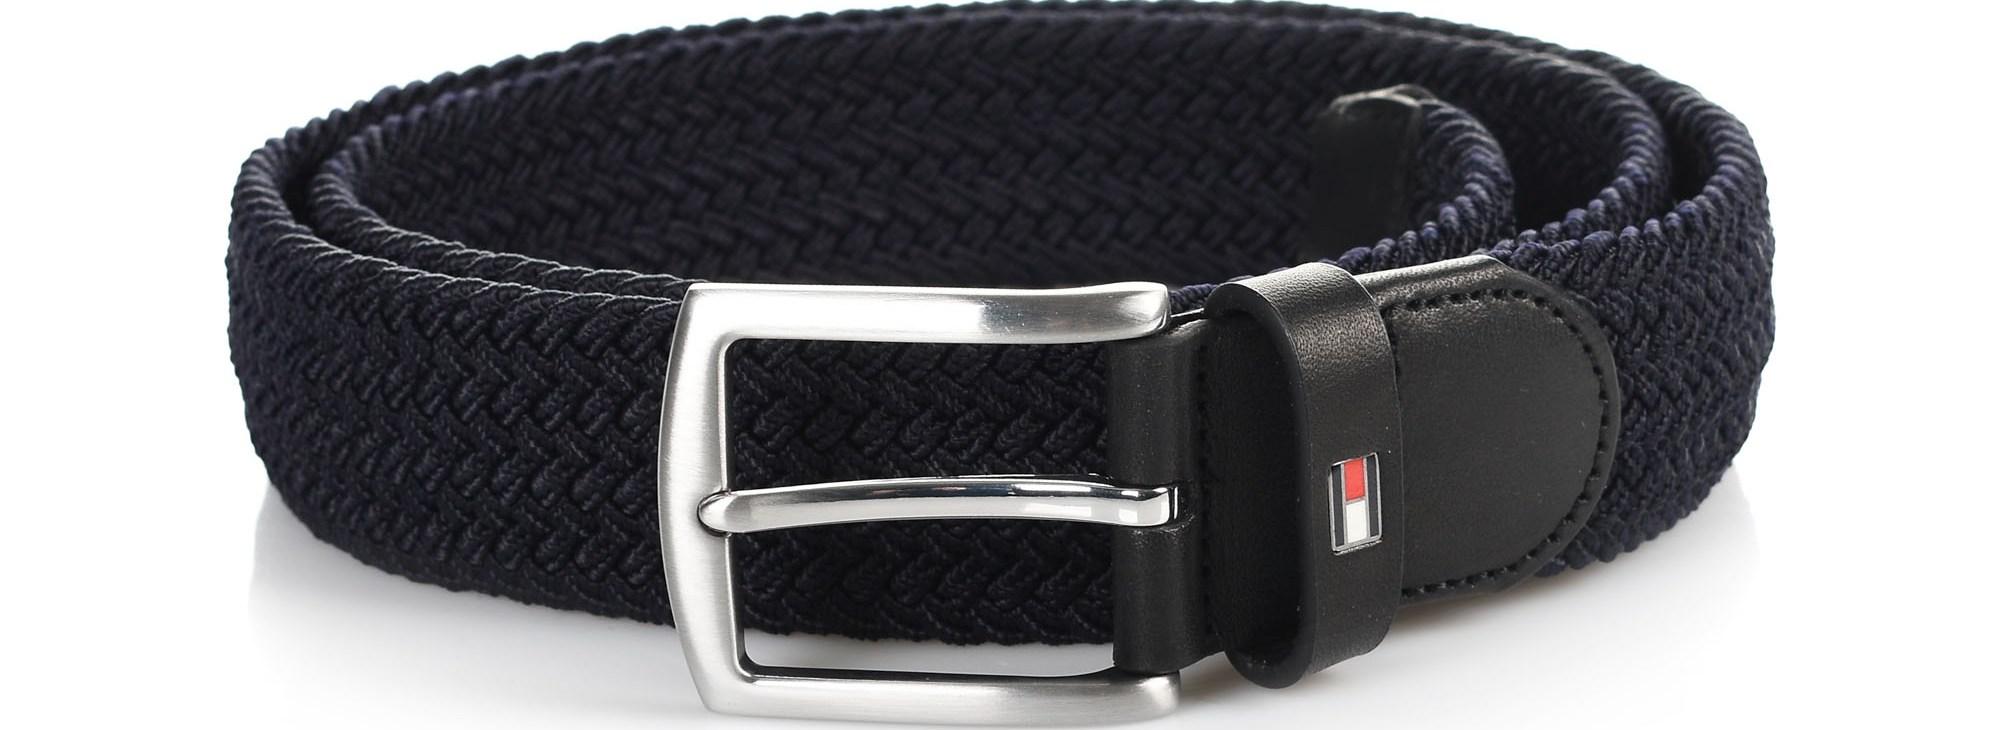 Ζώνη Tommy Hilfiger Denton Elastic Belt 3.5 AM0AM04480